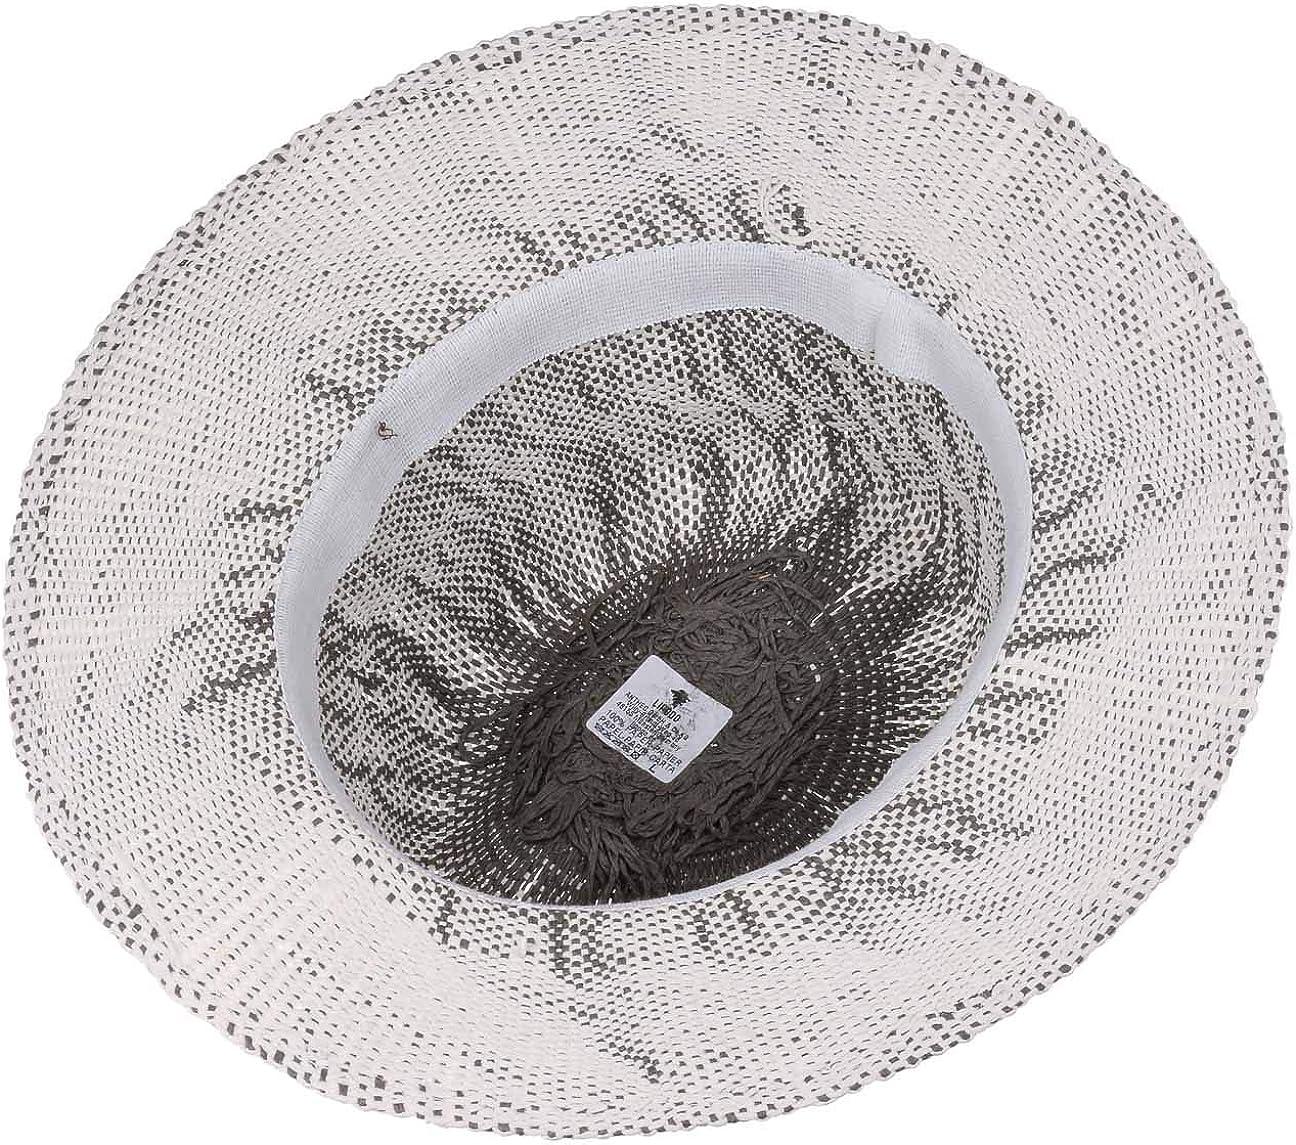 Sonnenhut Vintage Lipodo Harkeyville Twotone Traveller Papierstrohhut Damen//Herren Travellerhut aus Papierstroh Sommerhut meliert Made in Italy Fr/ühjahr//Sommer